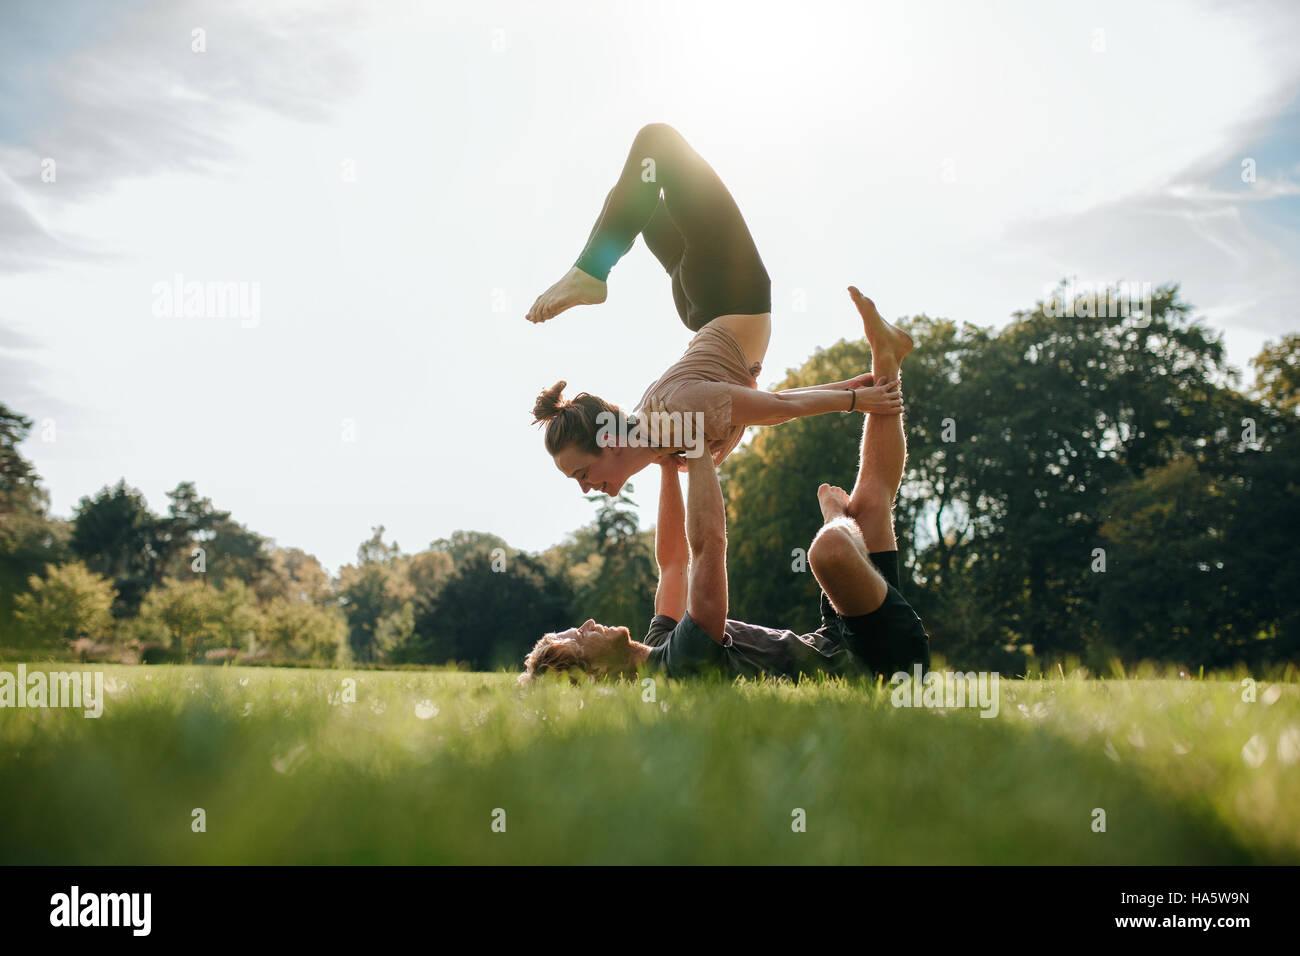 Caucasian par hacer acro yoga en el parque. El hombre y la mujer haciendo varias posturas de yoga par afuera. Imagen De Stock